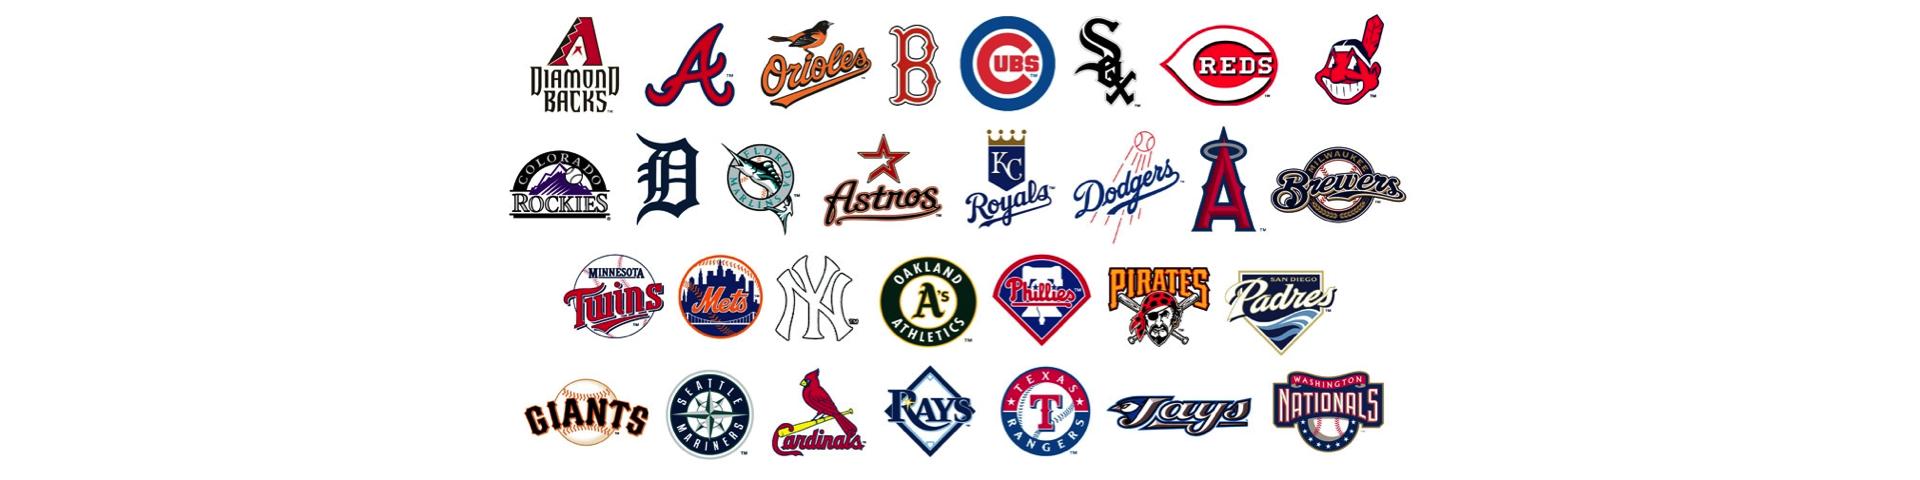 2016 Baseball Predictions